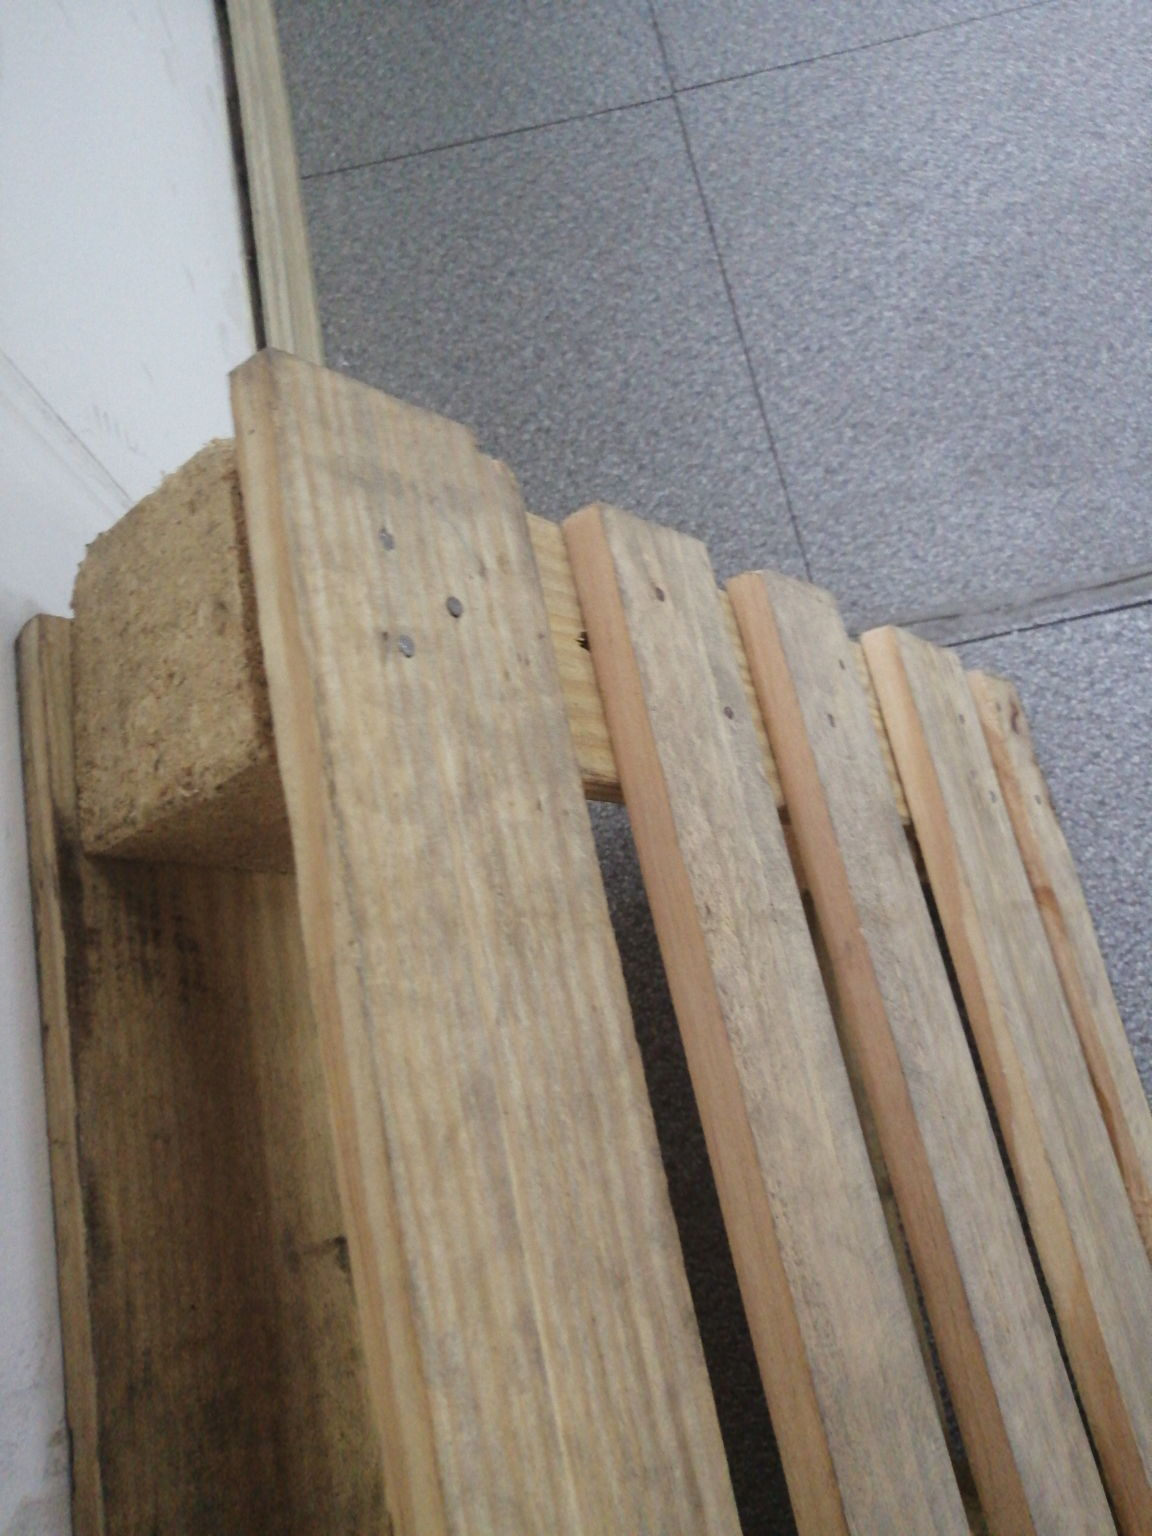 �,┶Ⅹ⇛�,⇇て❇►�贝尔建筑木板 - 专业加工/定制服务